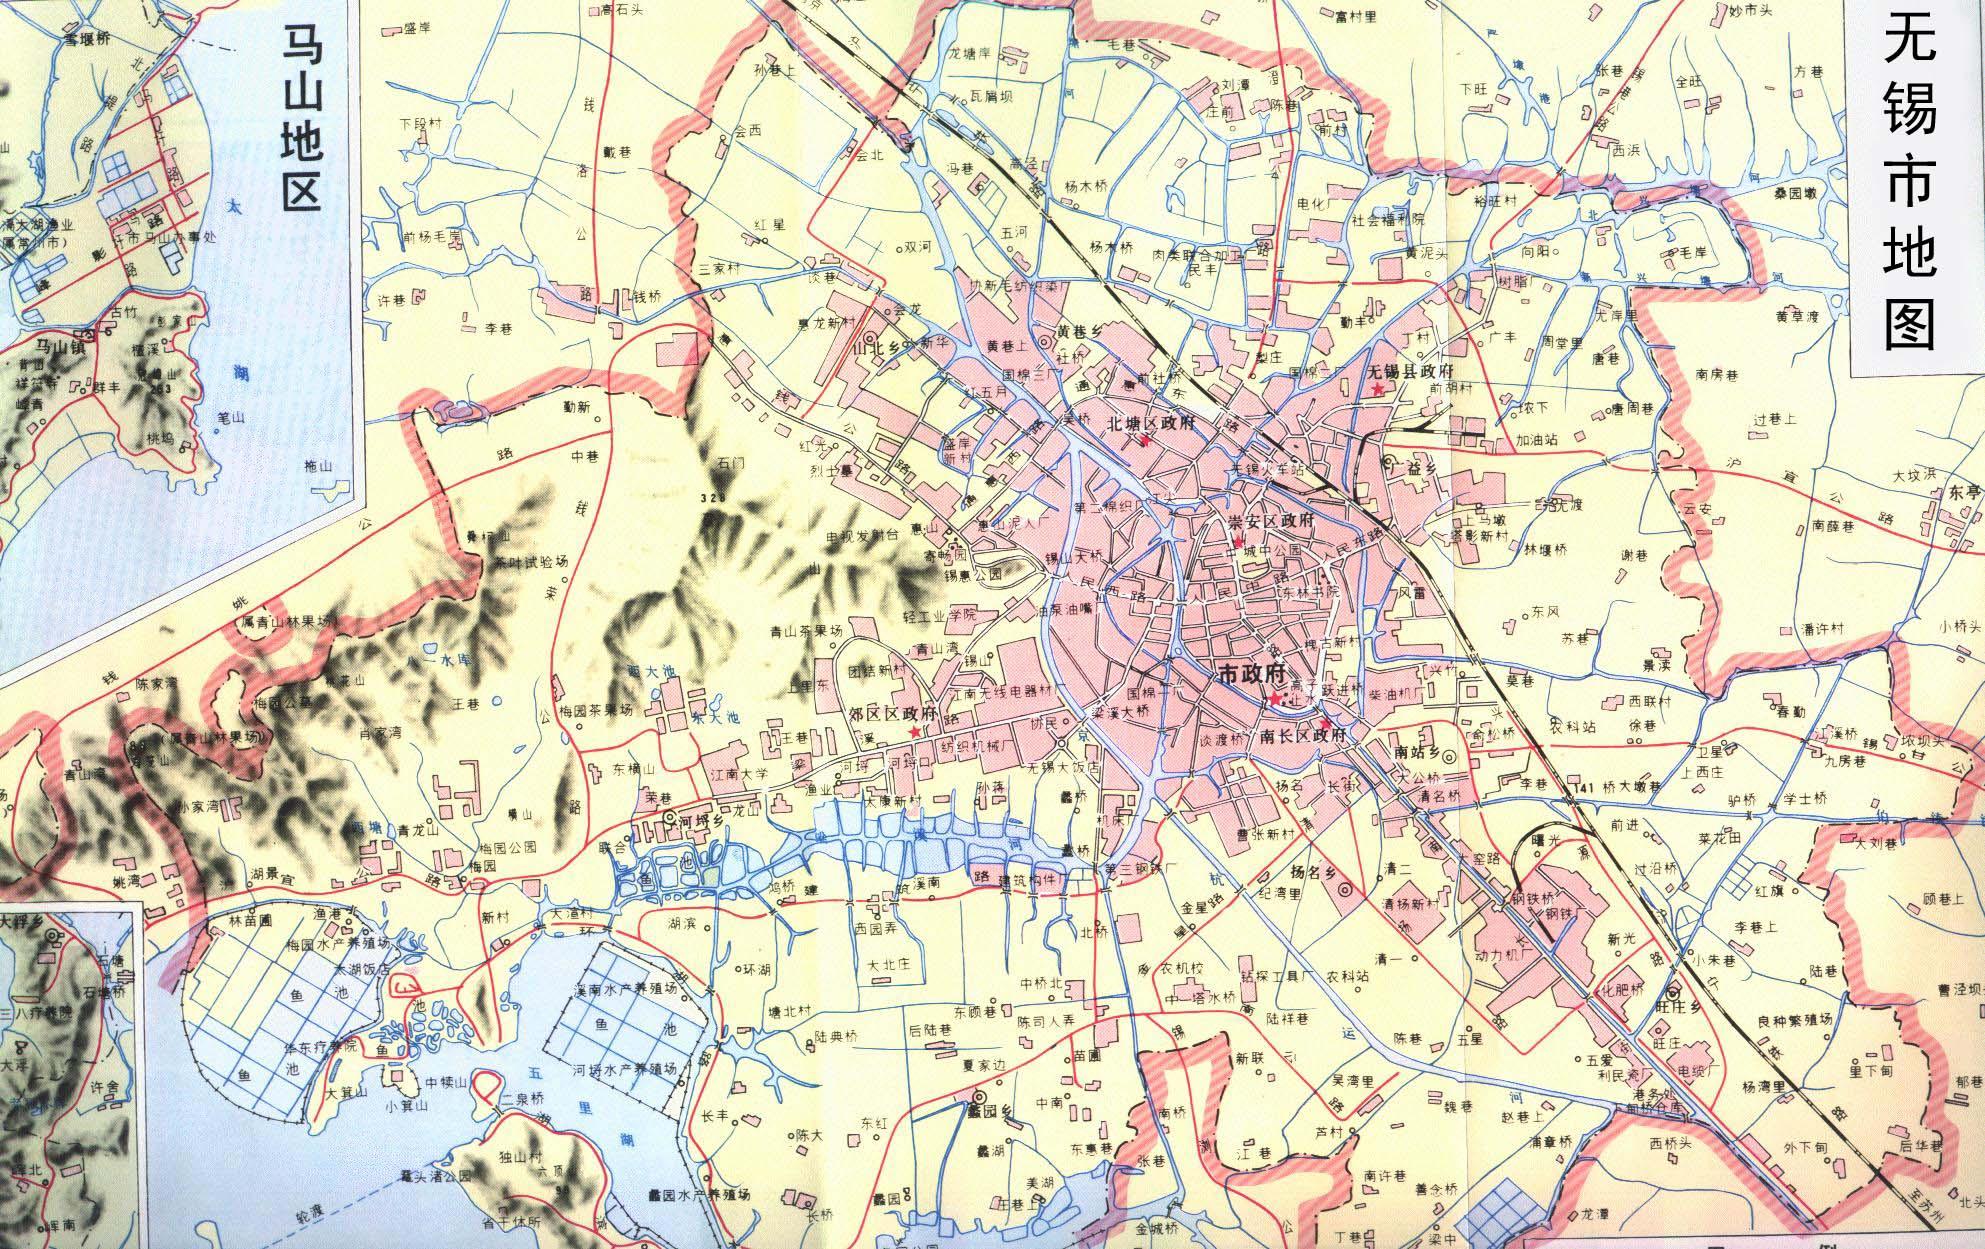 无锡地图大图